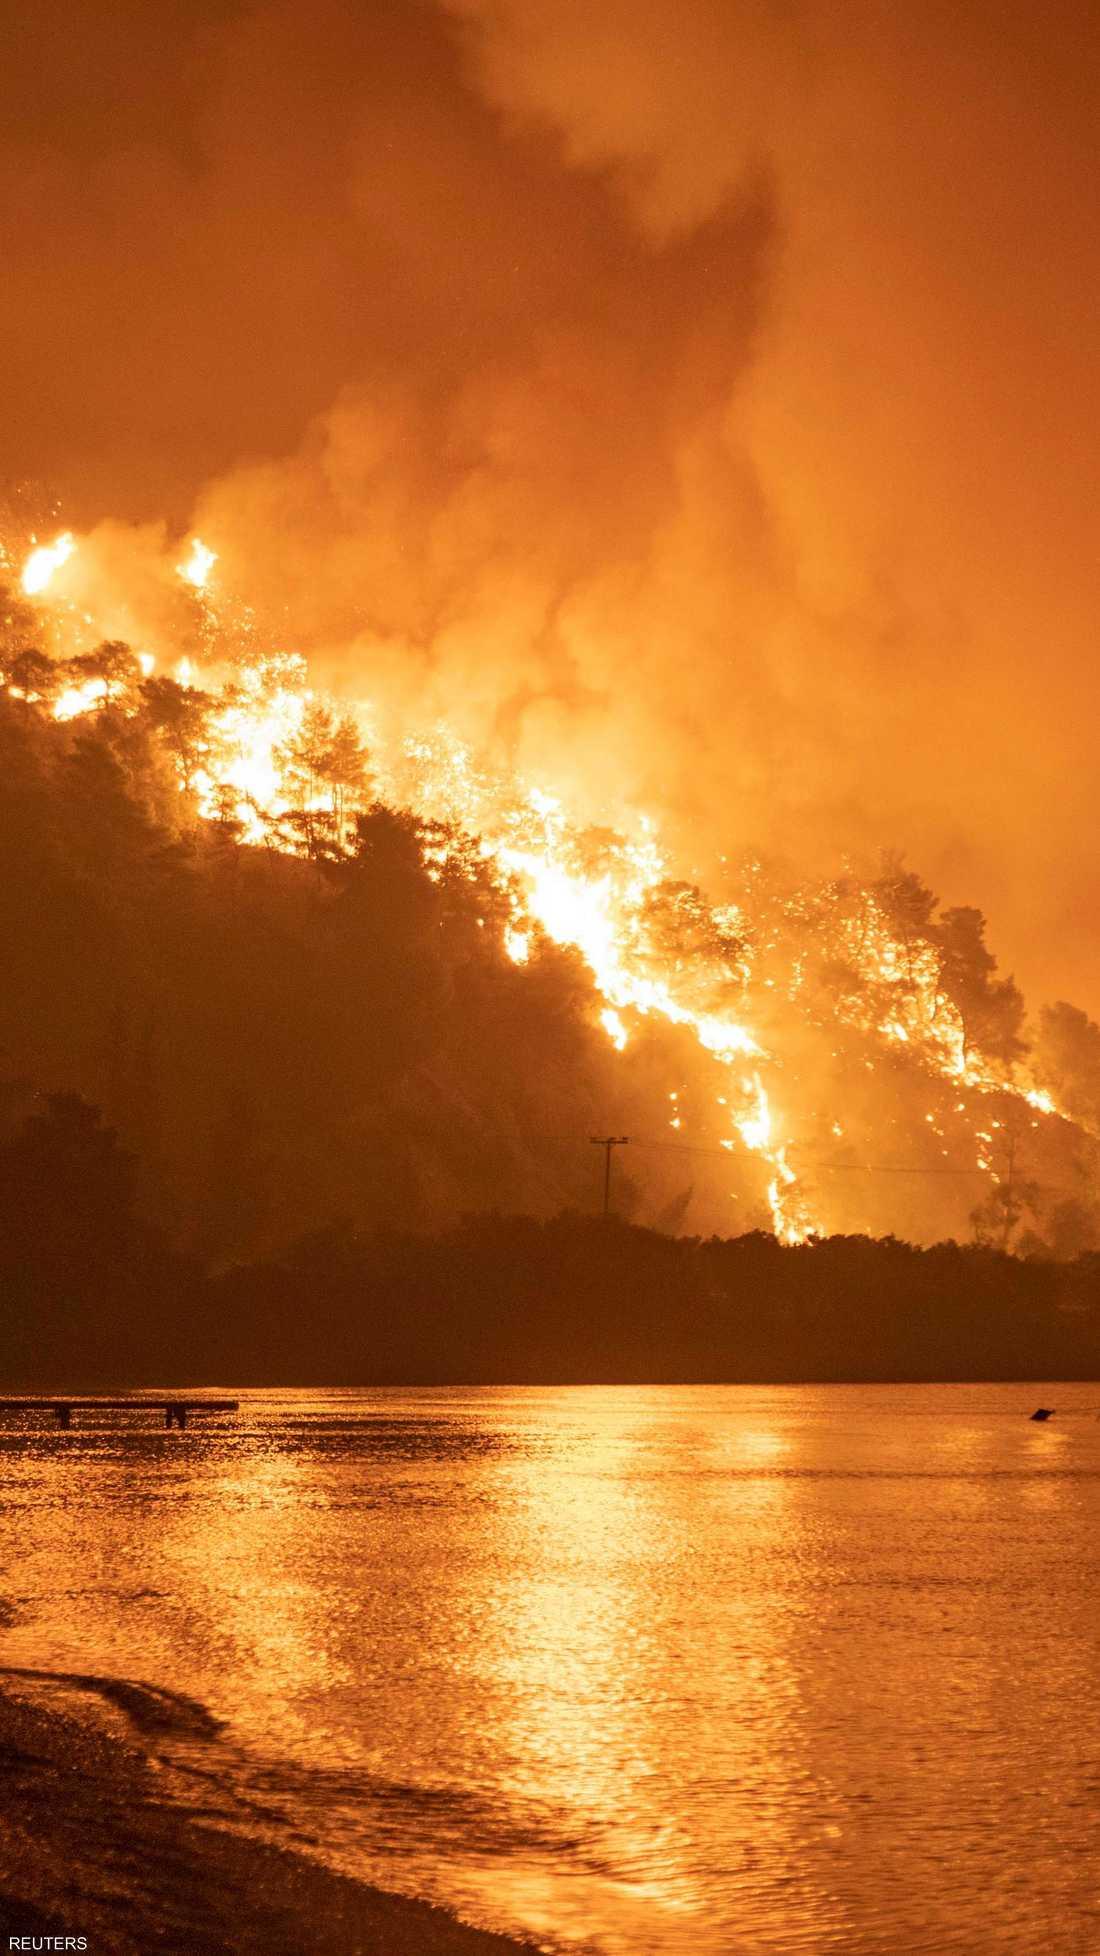 الحرائق ممتدة في جزيرة إيفيا المحاذية لأثينا